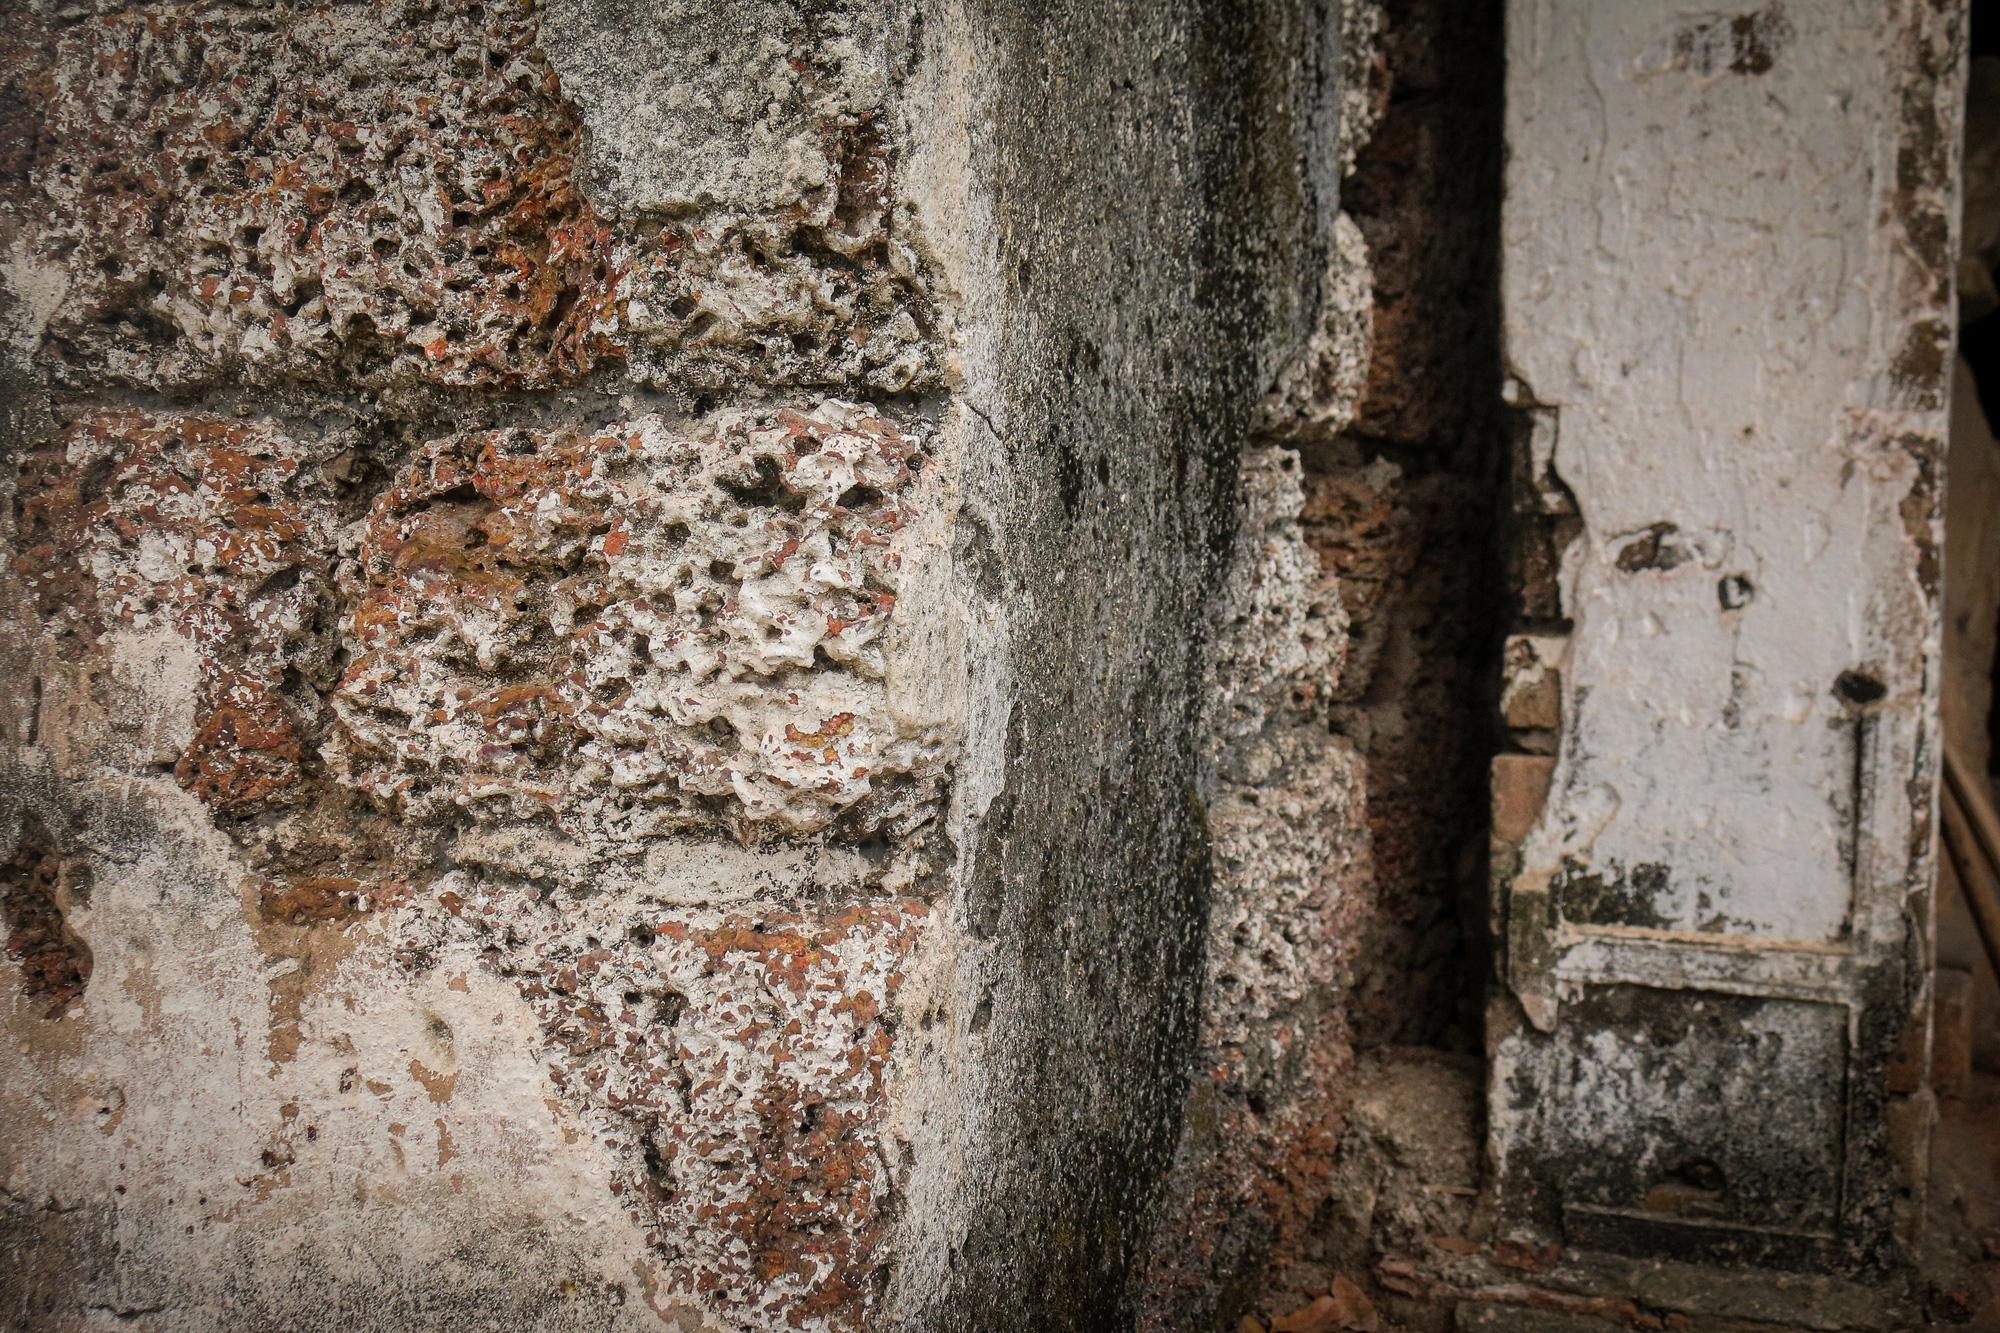 Đền đá Phú Đa: Nét kiến trúc độc đáo tồn tại hơn 300 năm lịch sử - Ảnh 11.